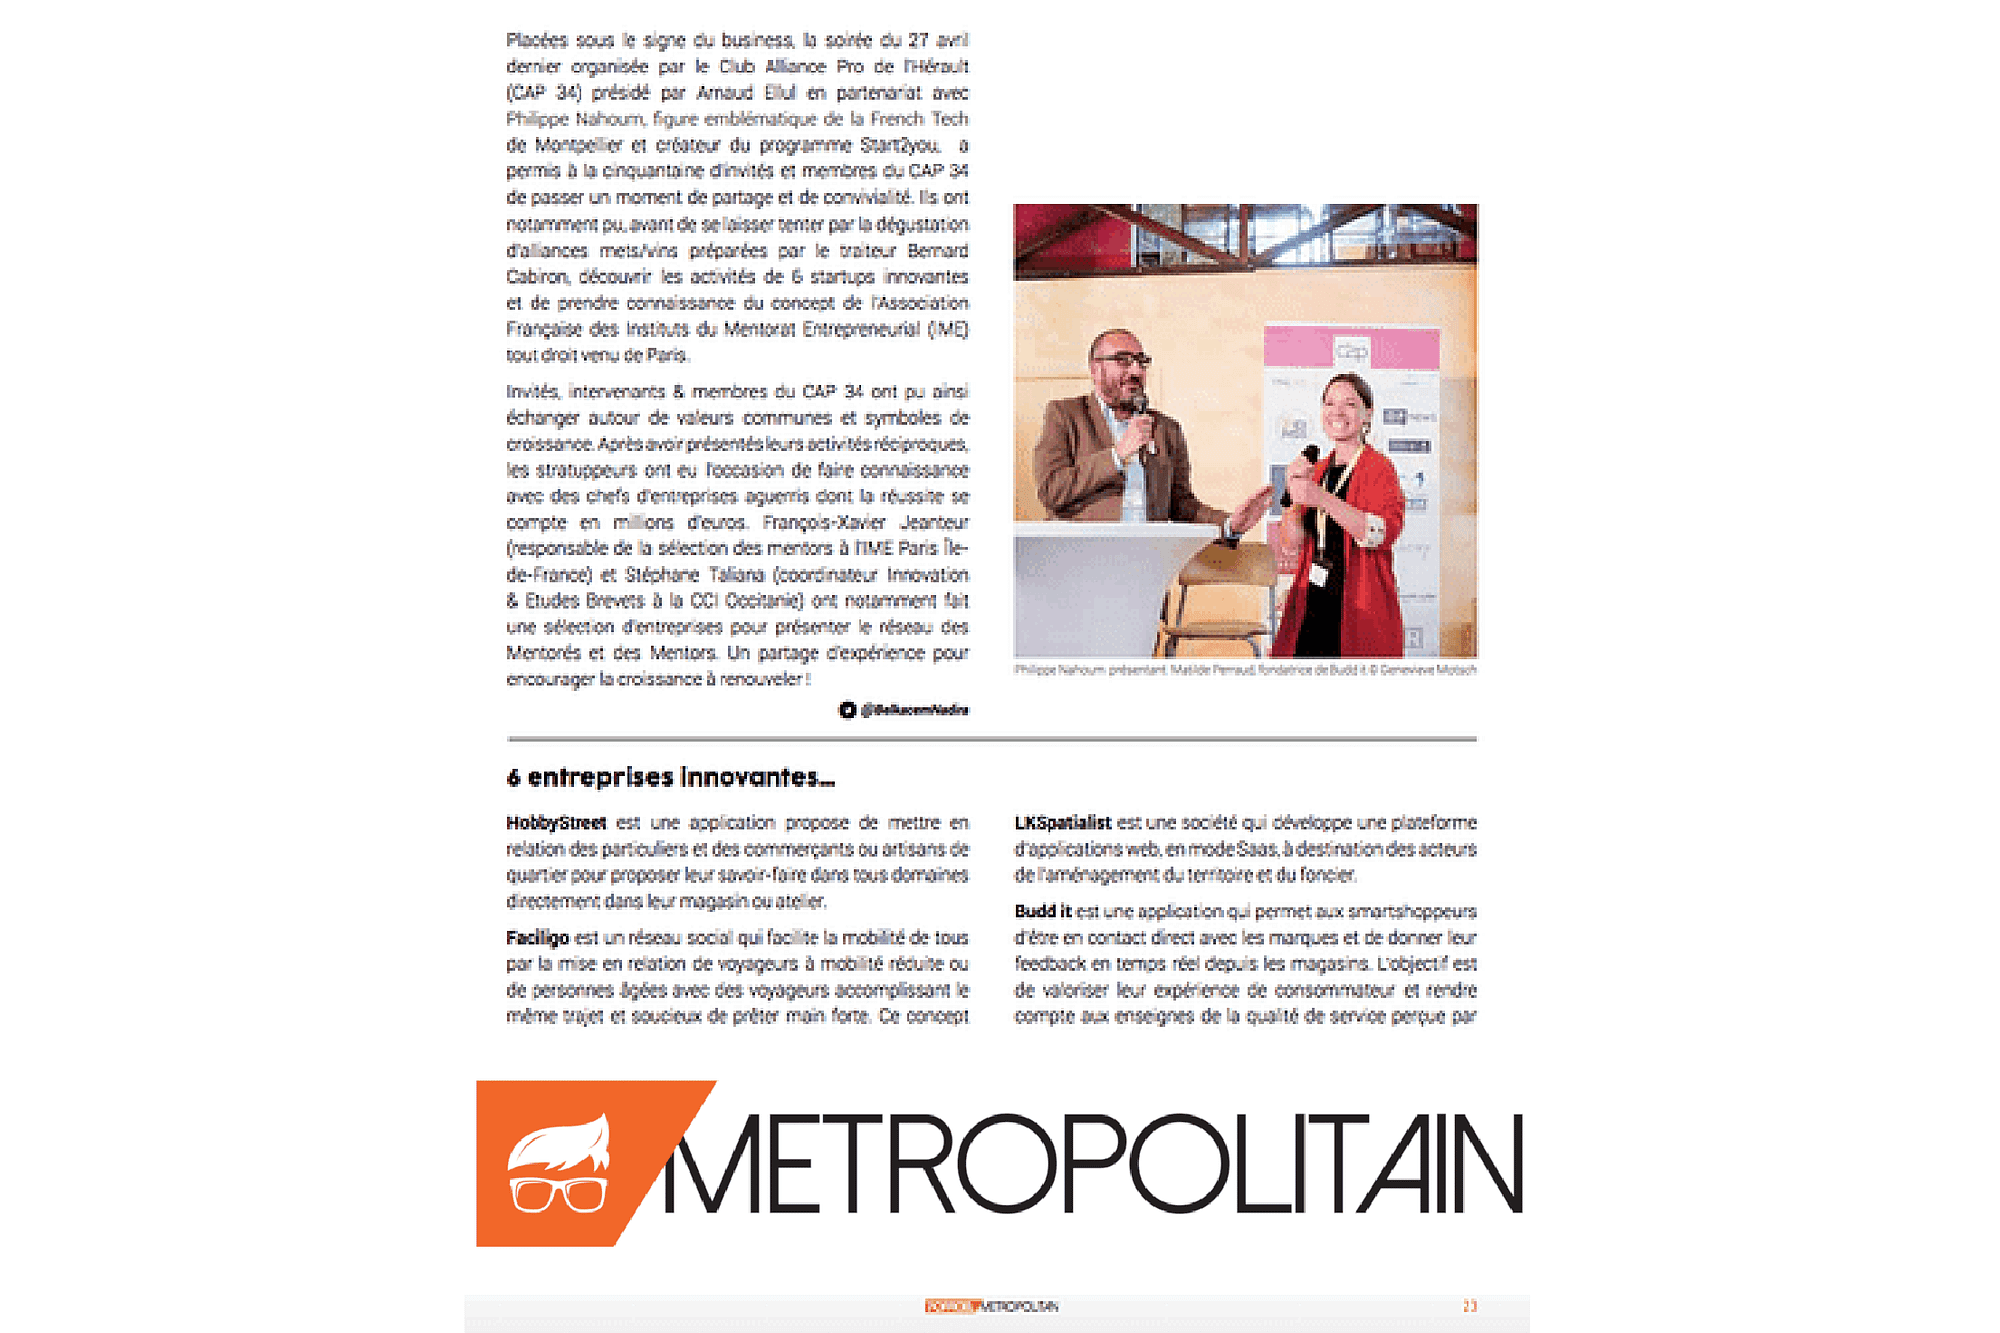 Article du Métropolitain sur la startup Budd'it